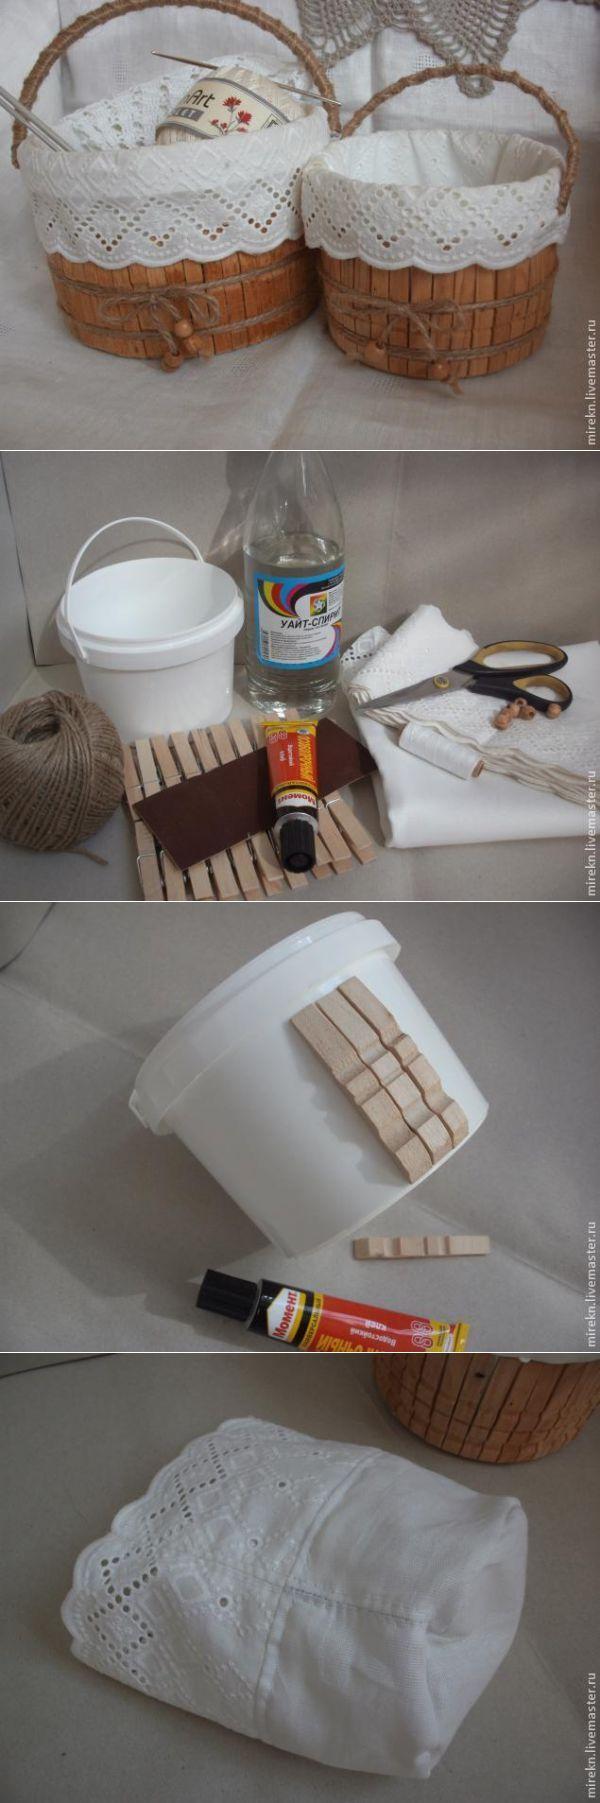 Как украсить пластиковое ведро своими руками